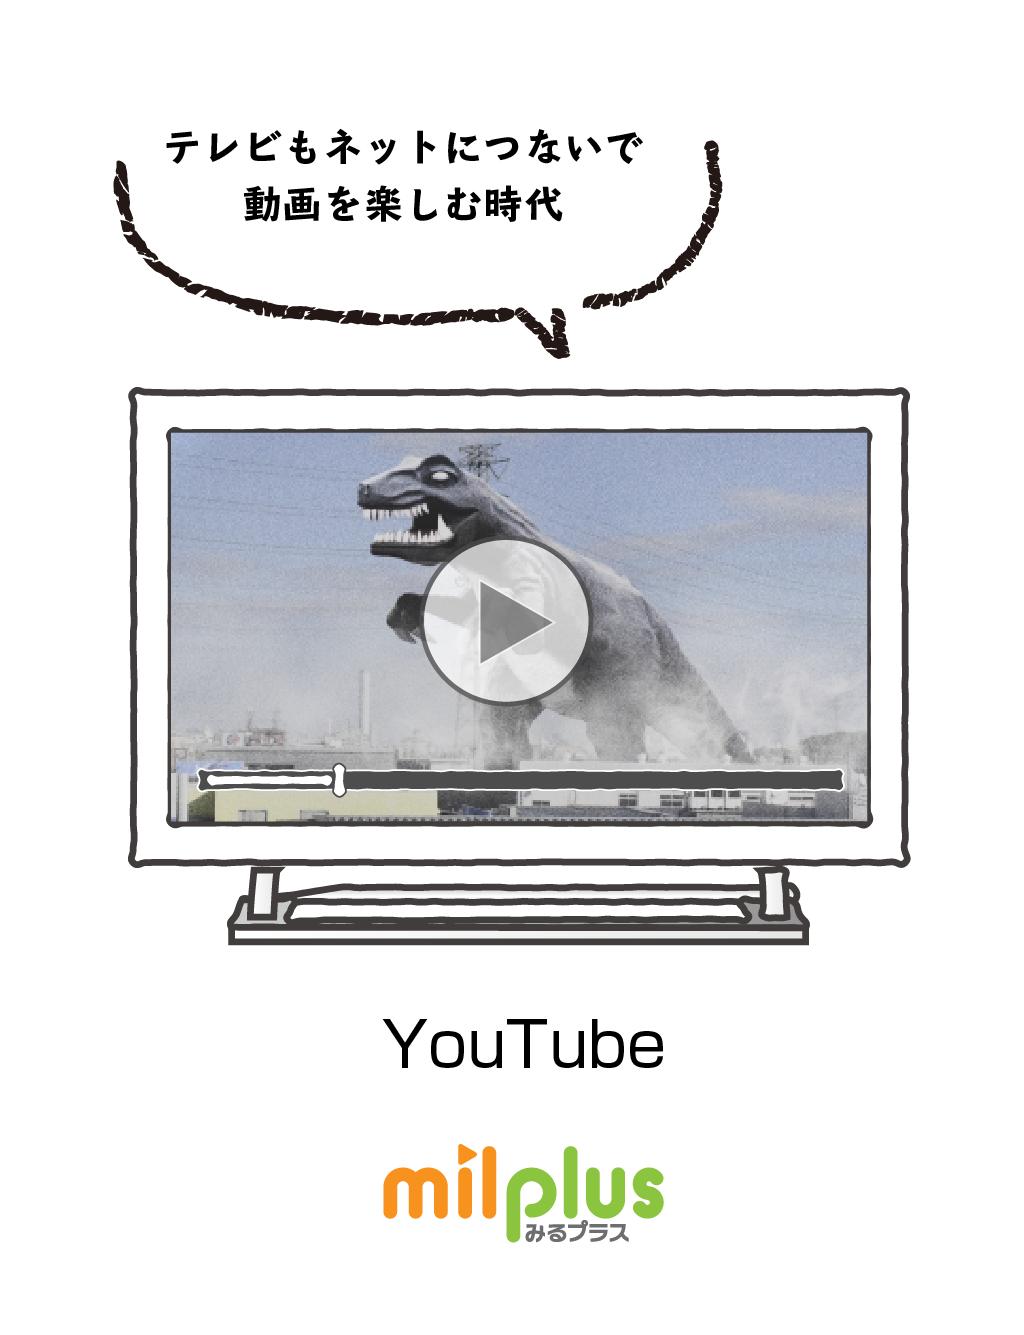 テレビもネットにつないで動画を楽しむ時代